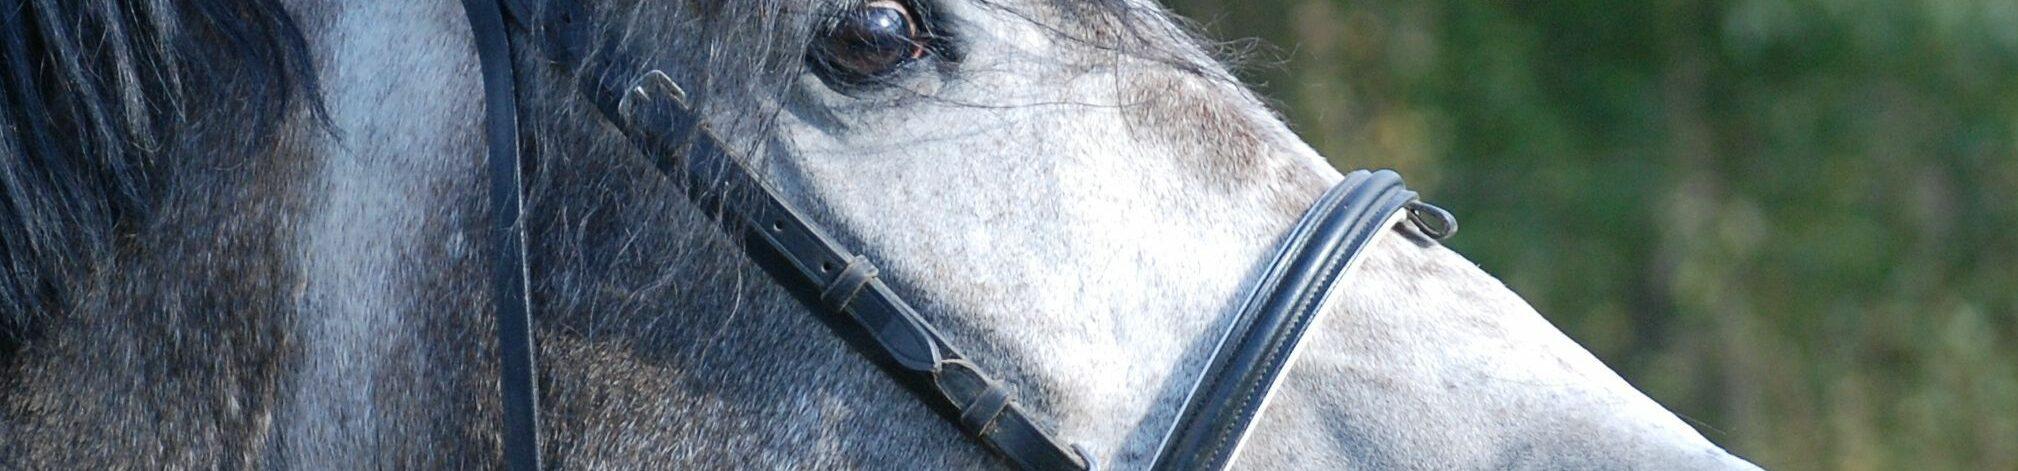 Hästvaruhuset